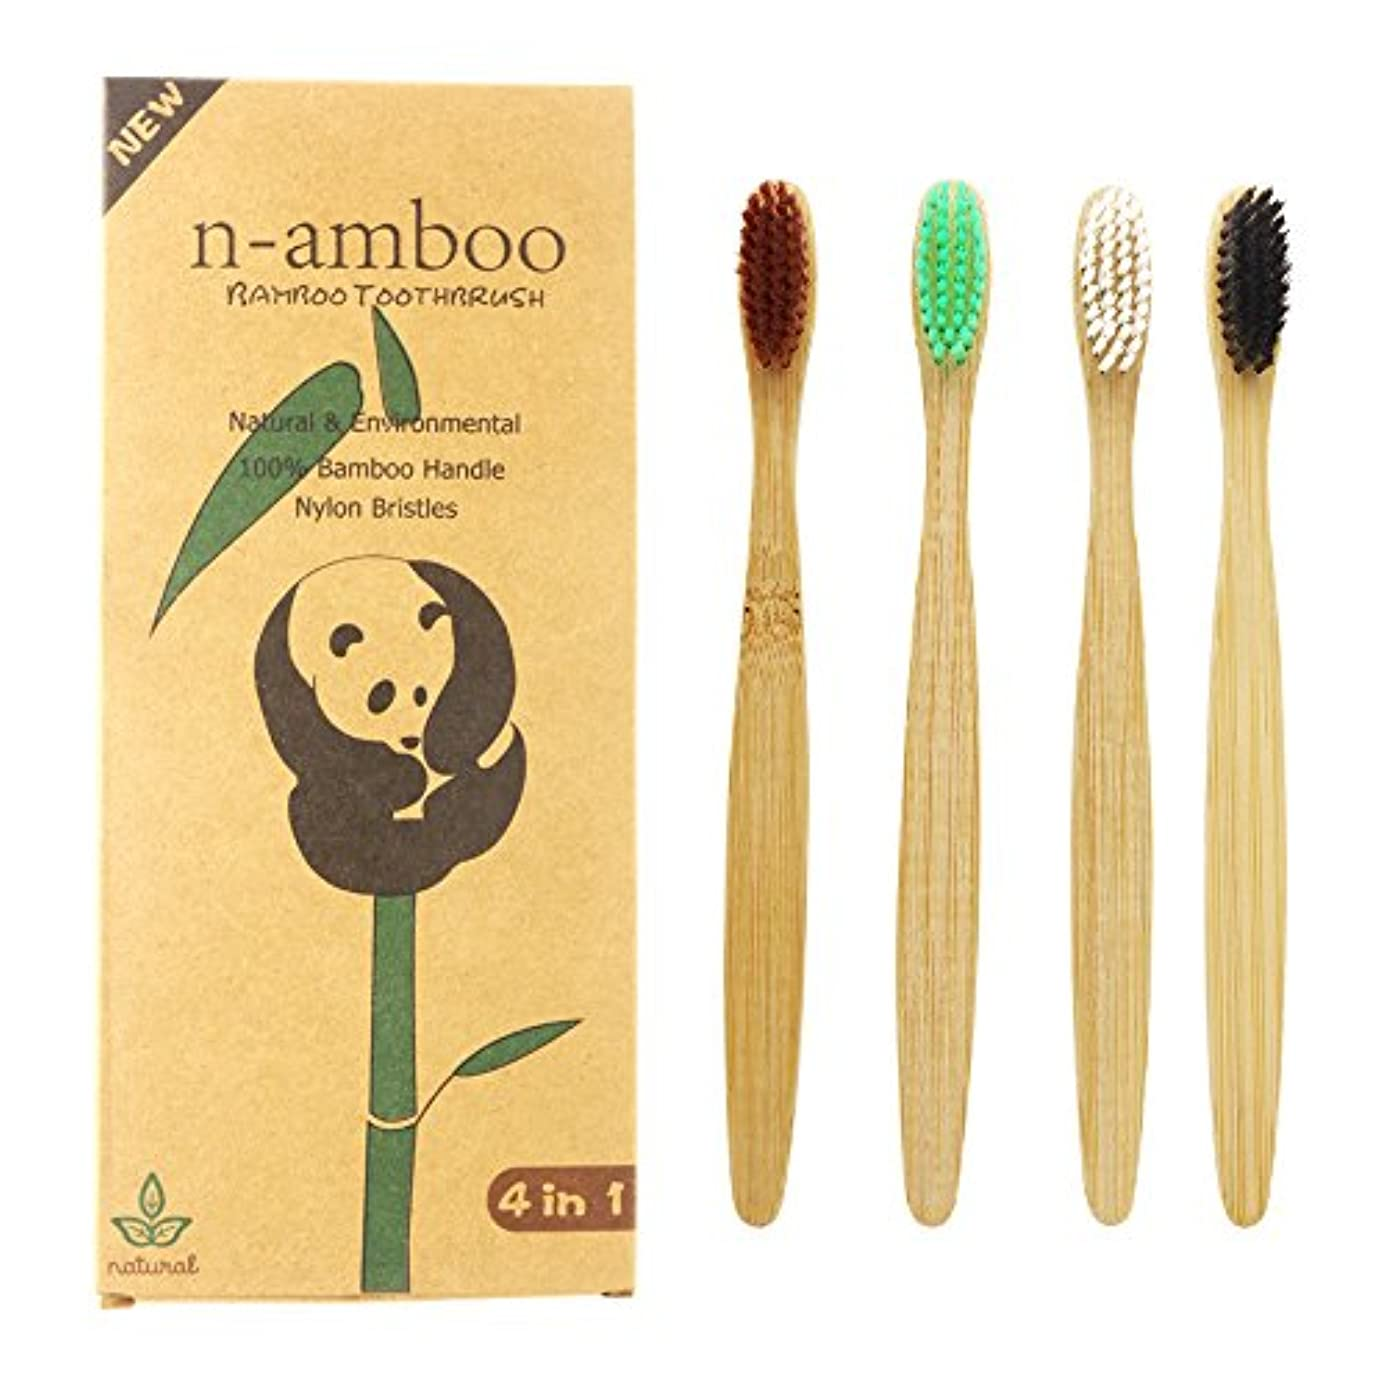 翻訳者振幅アクロバットN-amboo 竹製 歯ブラシ 高耐久性 4種類 4色セット エコ 軽量 4本入りセット